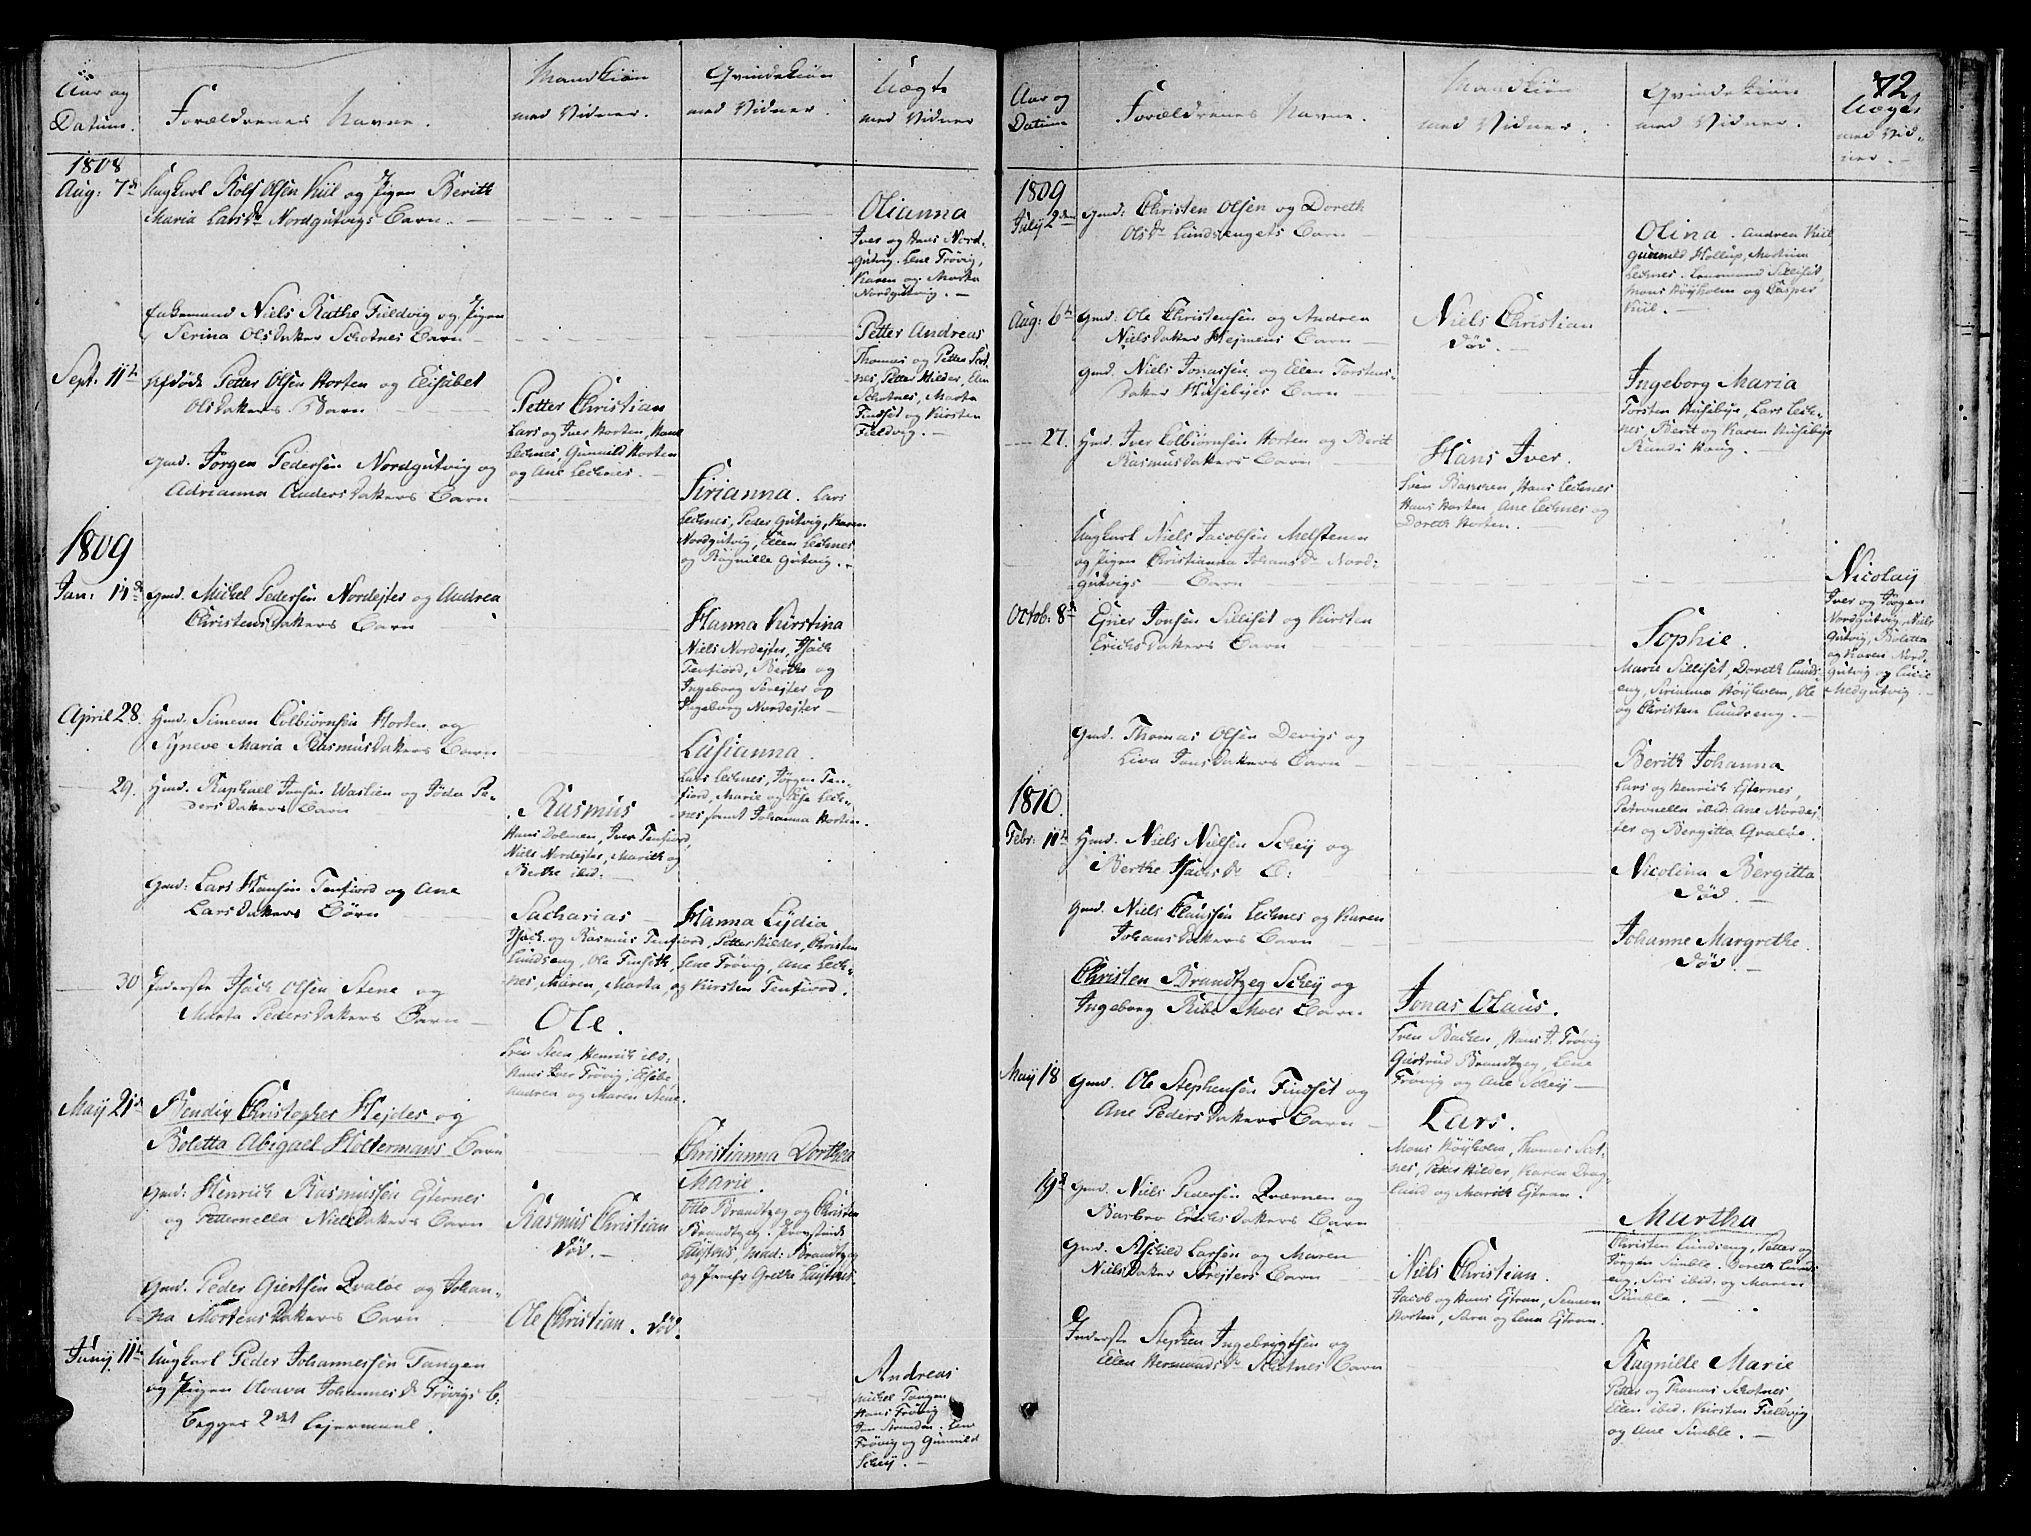 SAT, Ministerialprotokoller, klokkerbøker og fødselsregistre - Nord-Trøndelag, 780/L0633: Ministerialbok nr. 780A02 /2, 1806-1814, s. 72